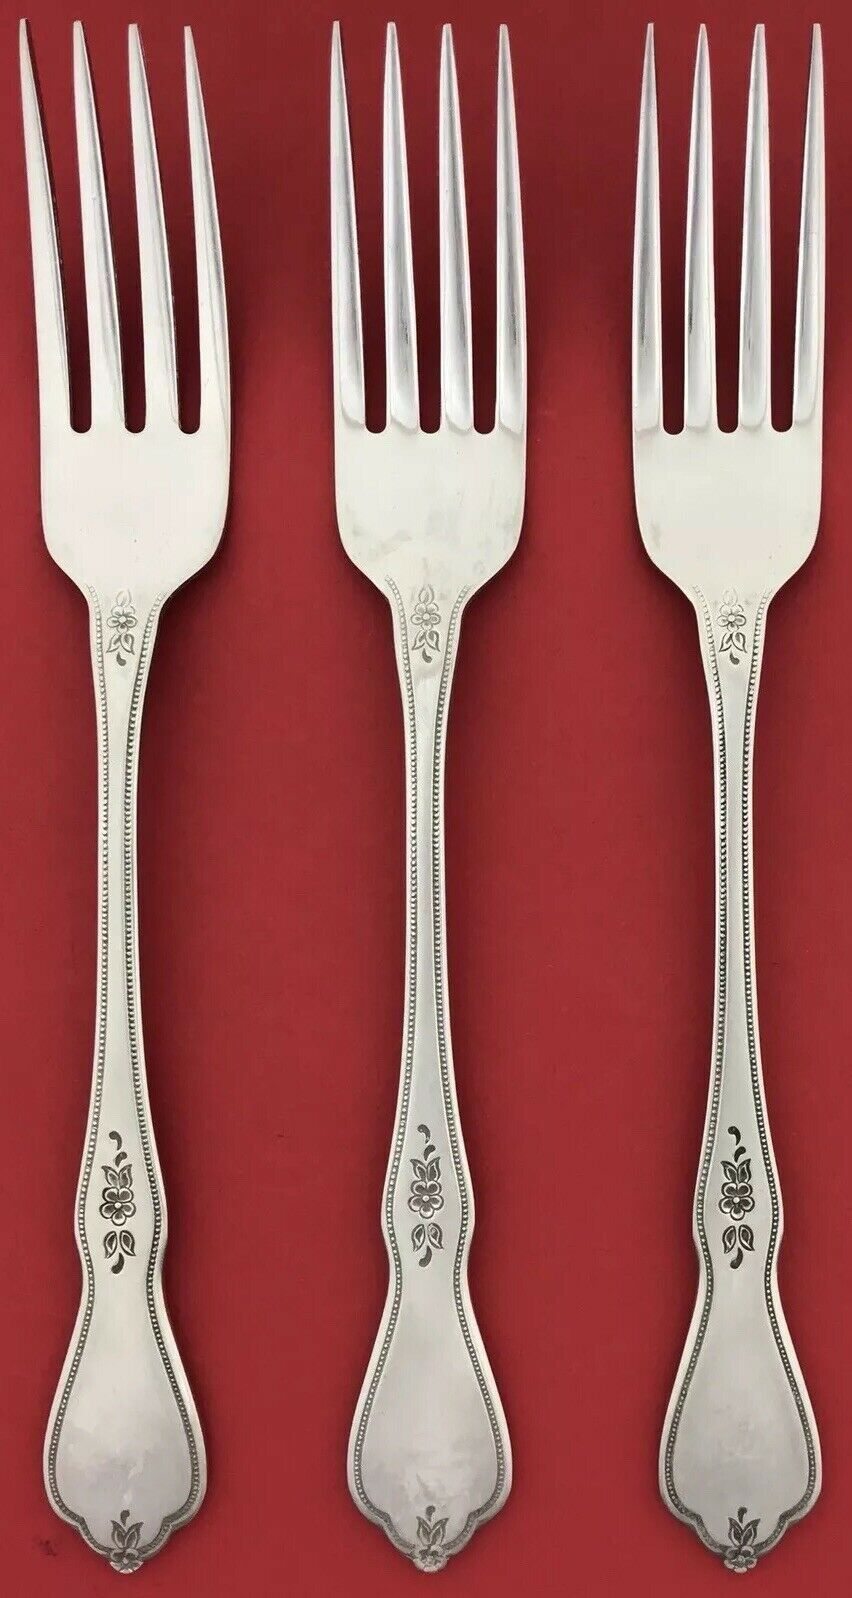 Set of 3 Dinner Forks Oneida MORNING BLOSSOM Profile Stainless 7 1 4